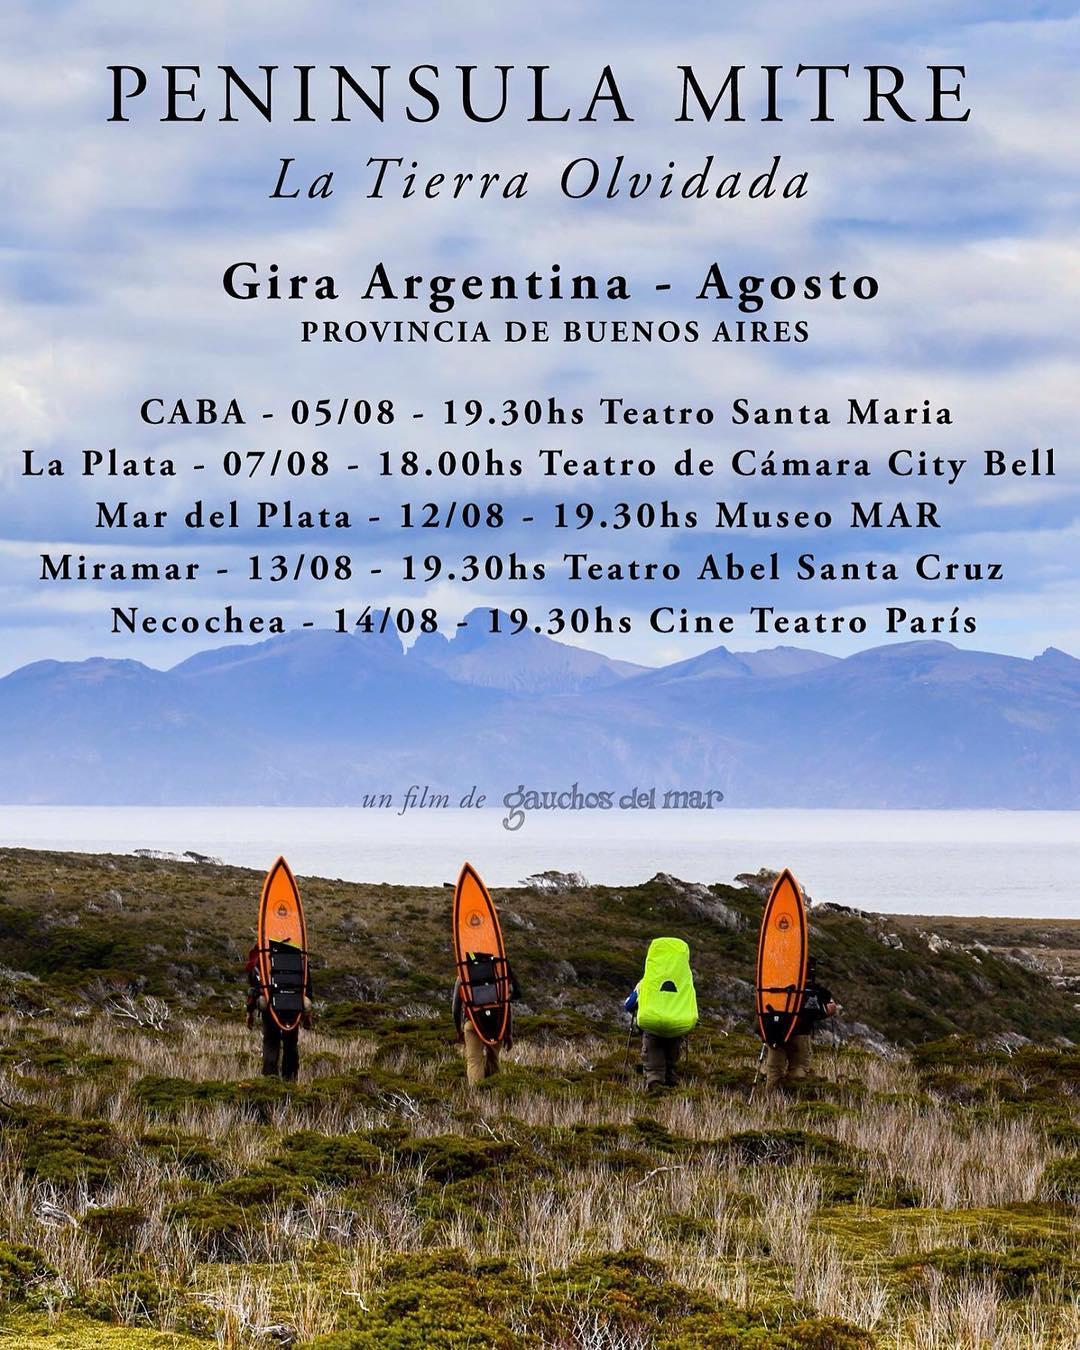 Gira de Peninsula Mitre en la Provincia de Buenos Aires. Se agregó una fecha en Miramar!! Entradas a la venta para todas las funciones: http://www.eventbrite.com.ar/o/gauchos-del-mar-10801890621  @marthaheadwear @patagonia.arg @reefargentina...